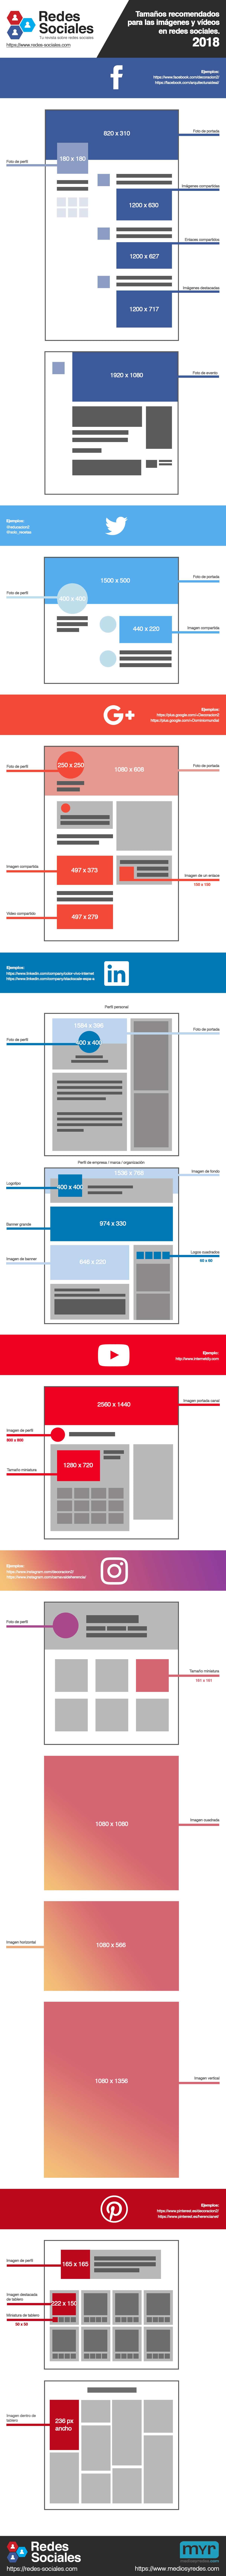 infografia redessociales